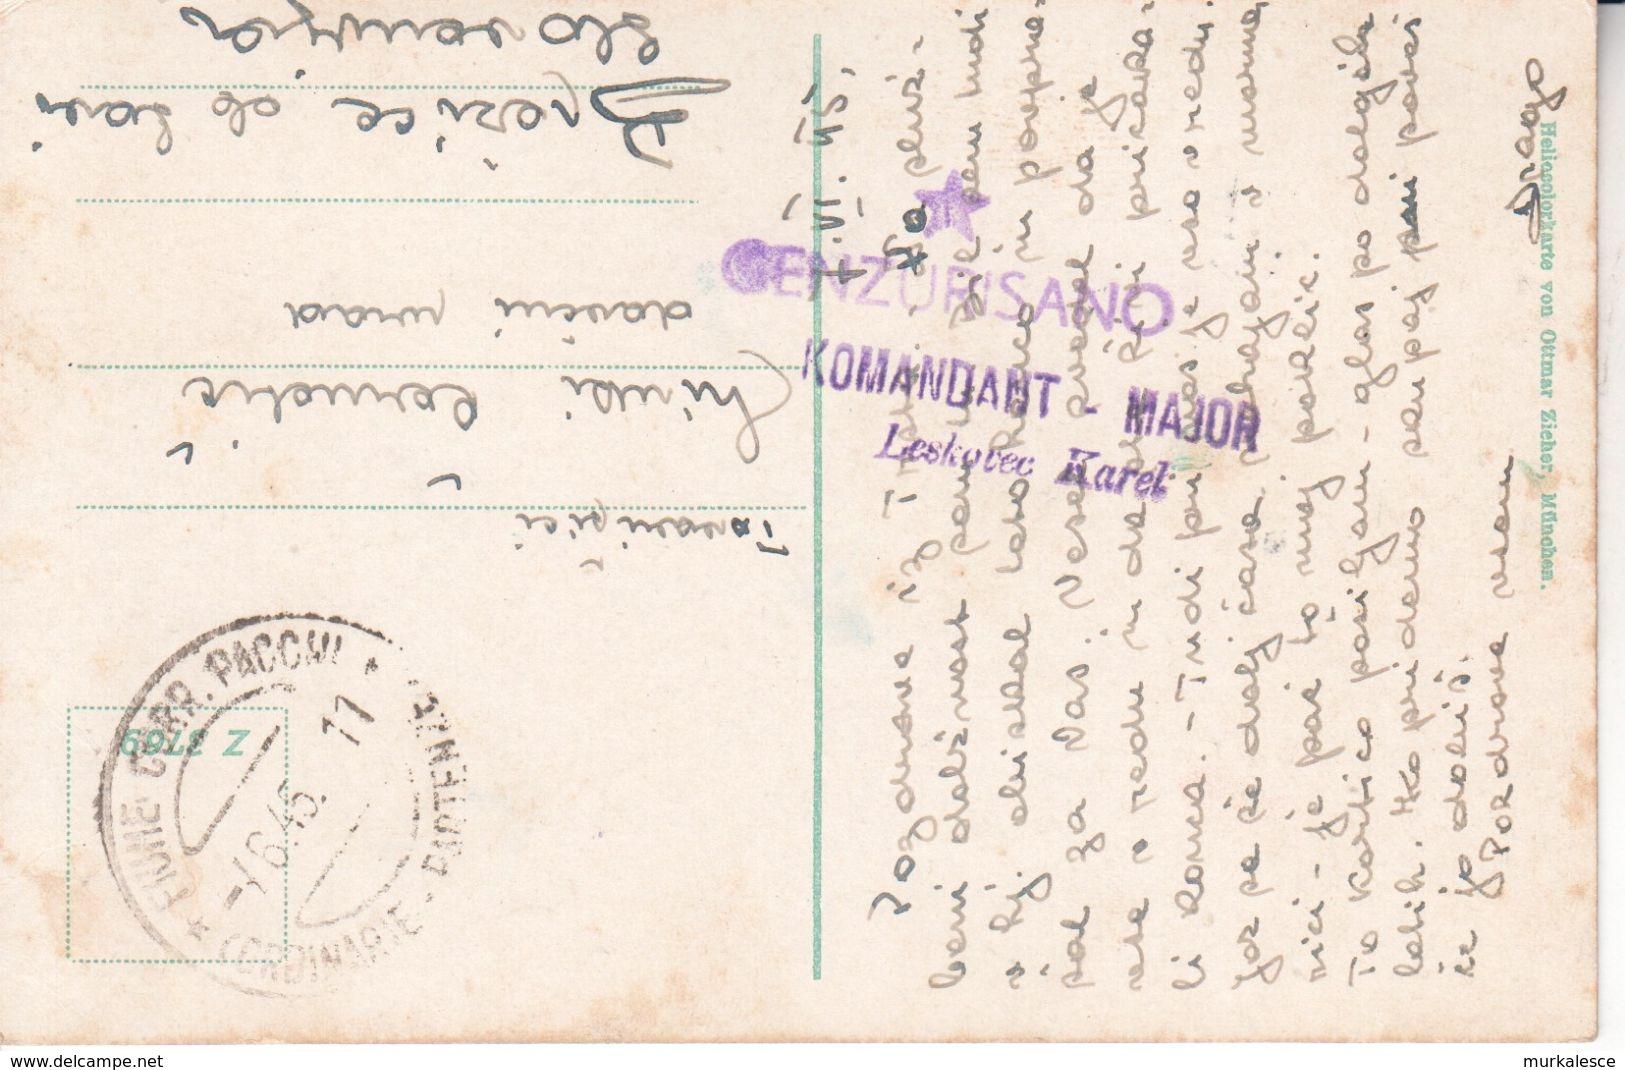 1545   SLOVENIJA    AK- TRST  -TRIESTE  1945  STEMPEL FIUME   CENZURA   MAJOR  LESKOVEC - Slowenien